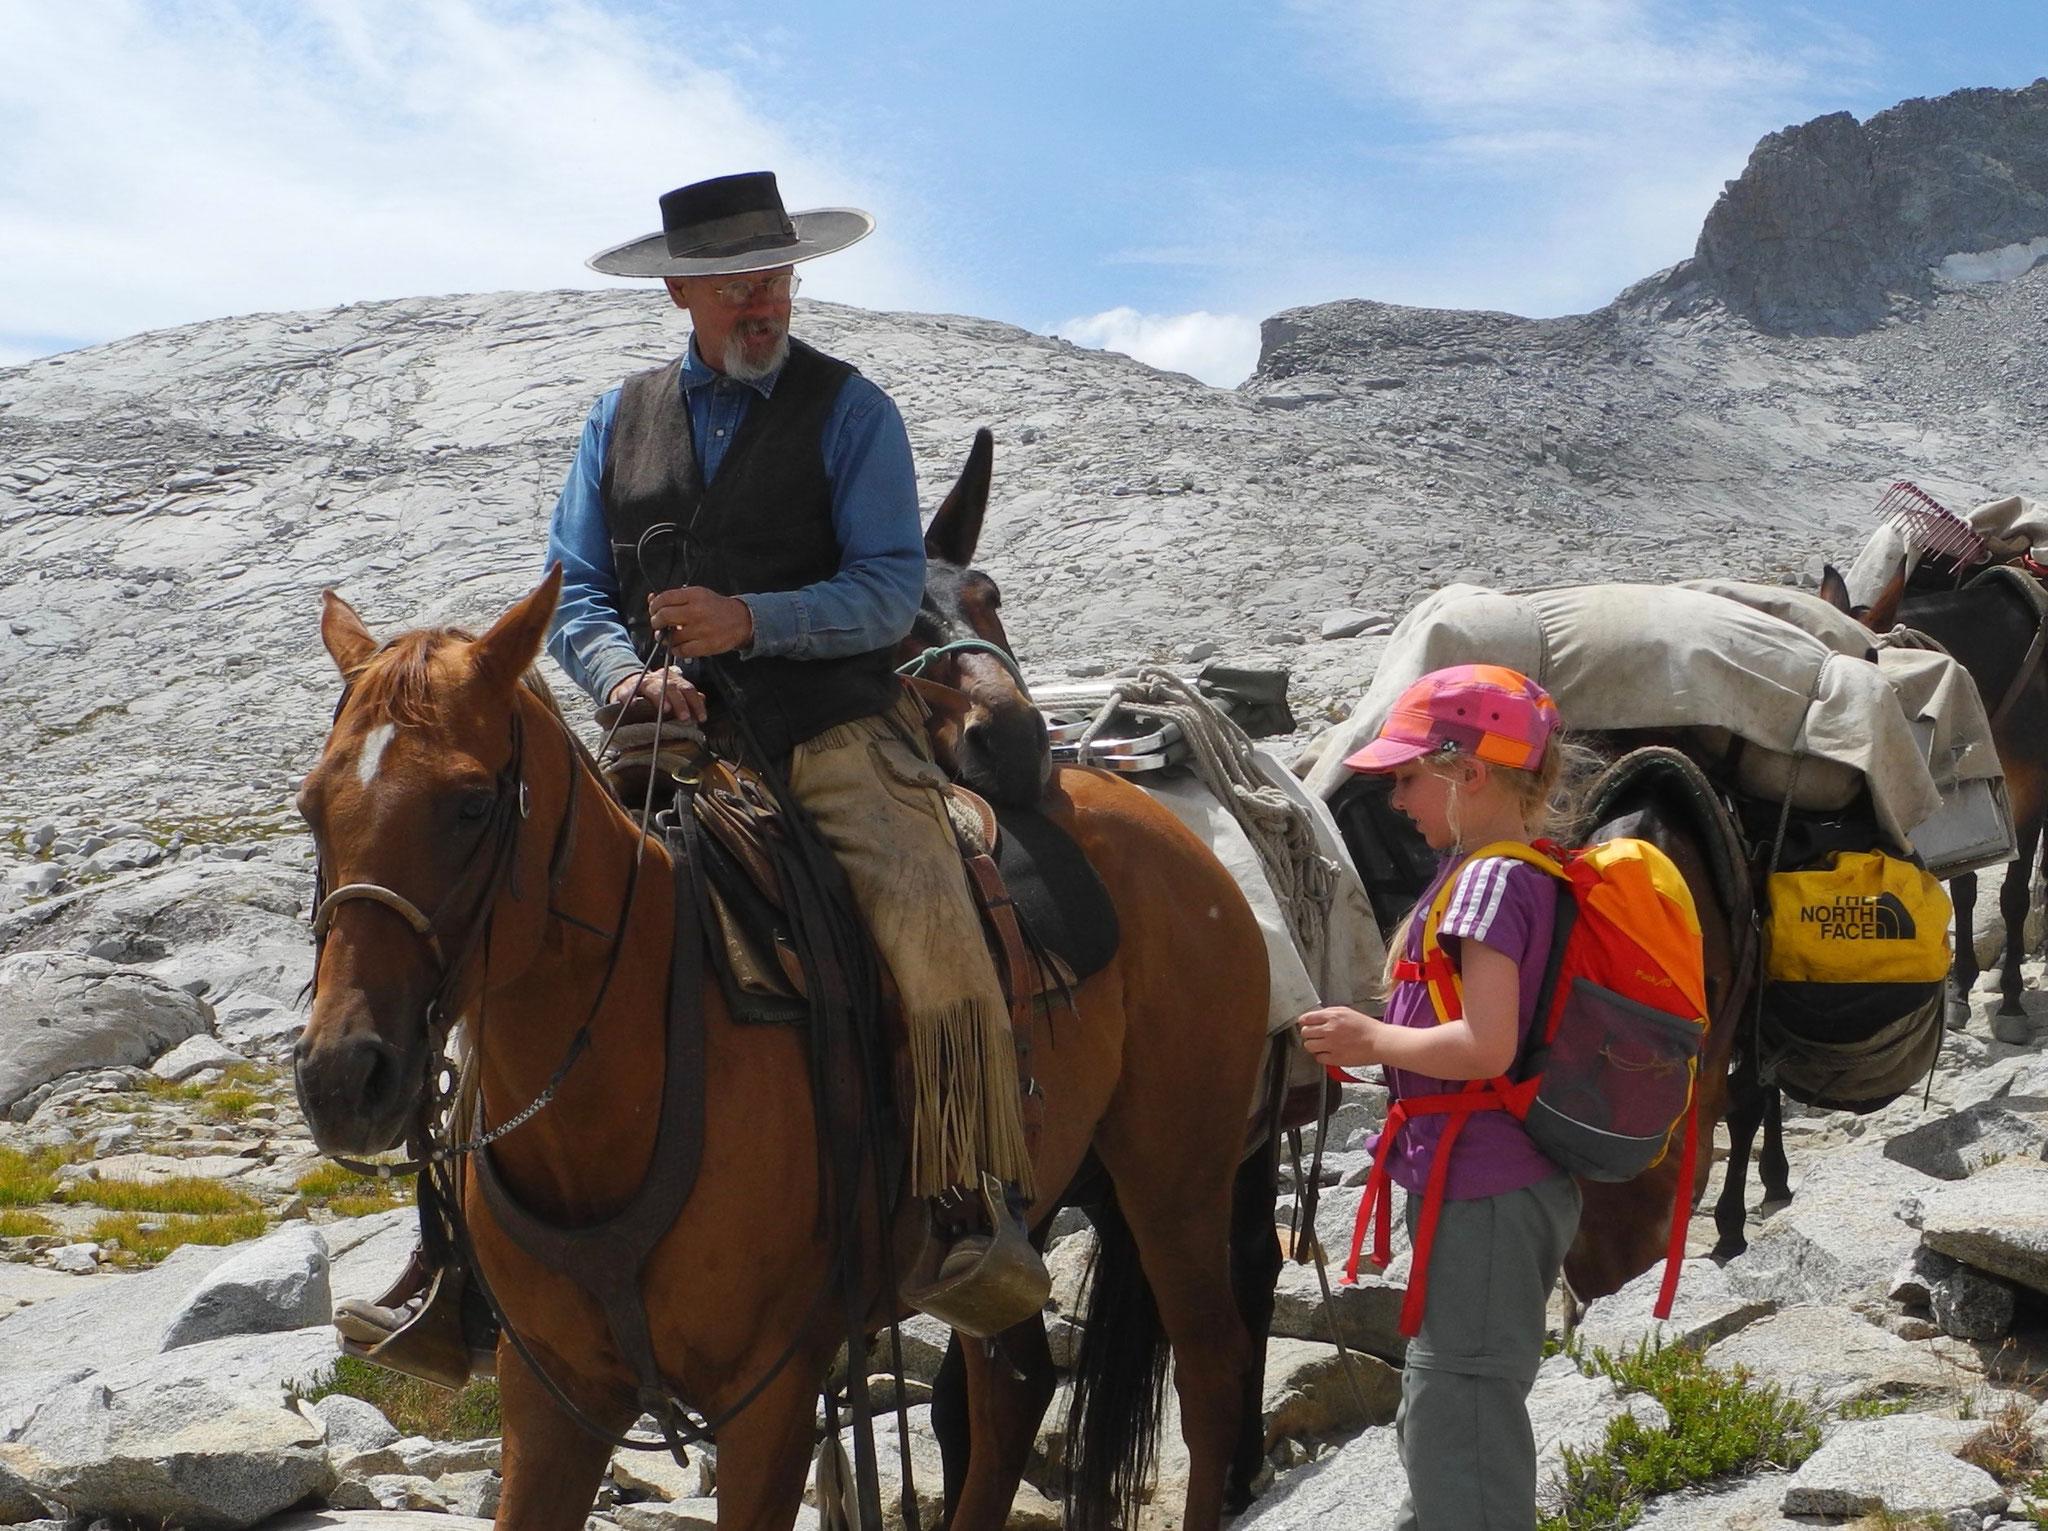 Und dann, ein Cowboy mit Pferd und Maultieren. Laura war begeistert von Sunshine (dem Pferd).